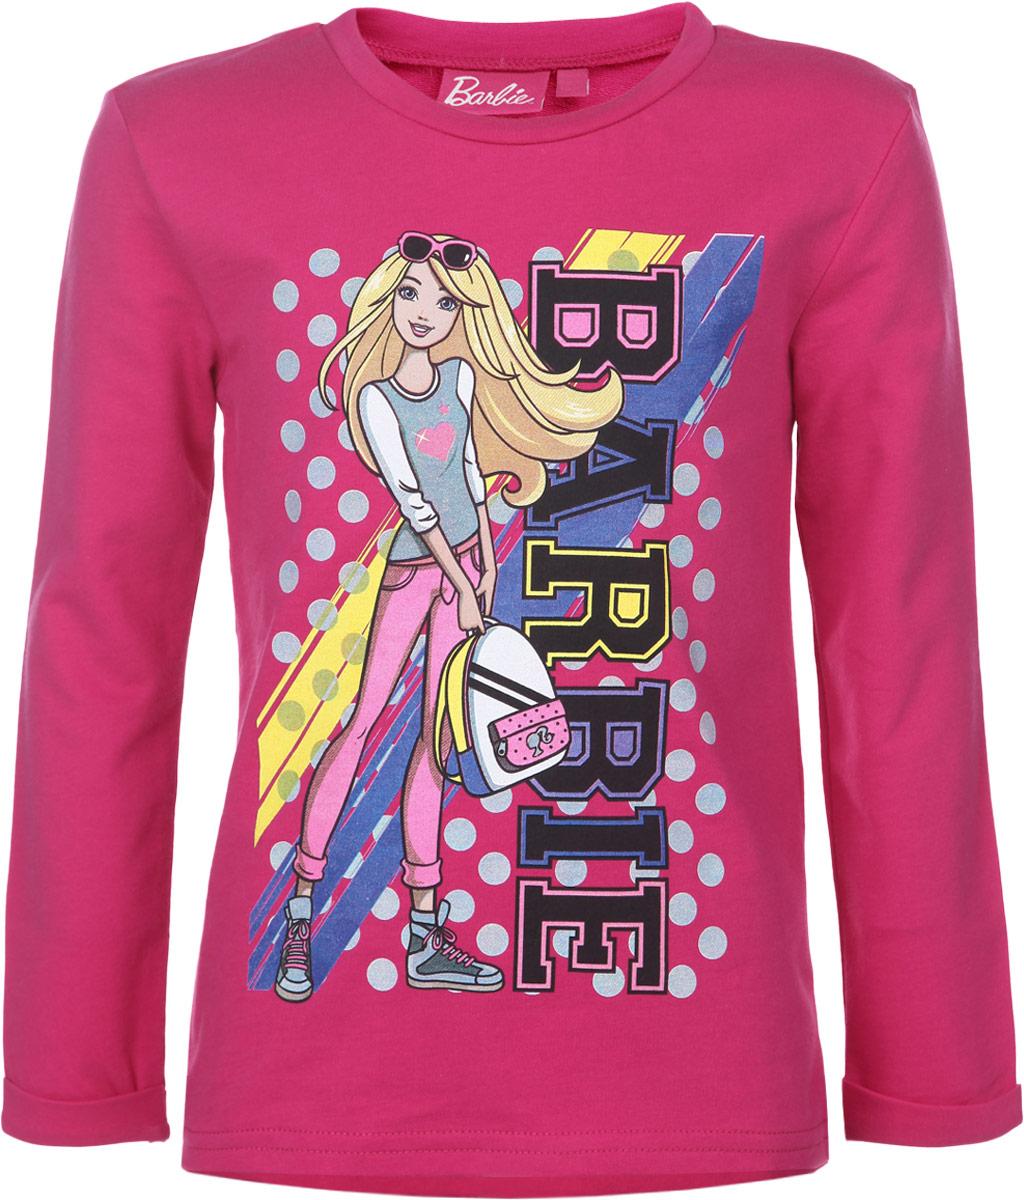 Футболка с длинным рукавом для девочки Barbie. ZG 09250-F1ZG 09250-F1Футболка с длинным рукавом для девочки Free Age Barbie станет отличным дополнением к детскому гардеробу. Изготовленная из натурального хлопка, она мягкая и приятная на ощупь, не сковывает движения и позволяет коже дышать, обеспечивая наибольший комфорт. Лицевая сторона изделия гладкая, а изнаночная - с небольшими петельками. Футболка с длинными рукавами и круглым вырезом горловины оформлена термоаппликацией с изображением куклы Барби, а также надписью. Края рукавов дополнены декоративными отворотами. Спинка модели удлинена. Стильный и яркий дизайн делает эту футболку модным предметом детской одежды. В ней ваша принцесса всегда будет в центре внимания.